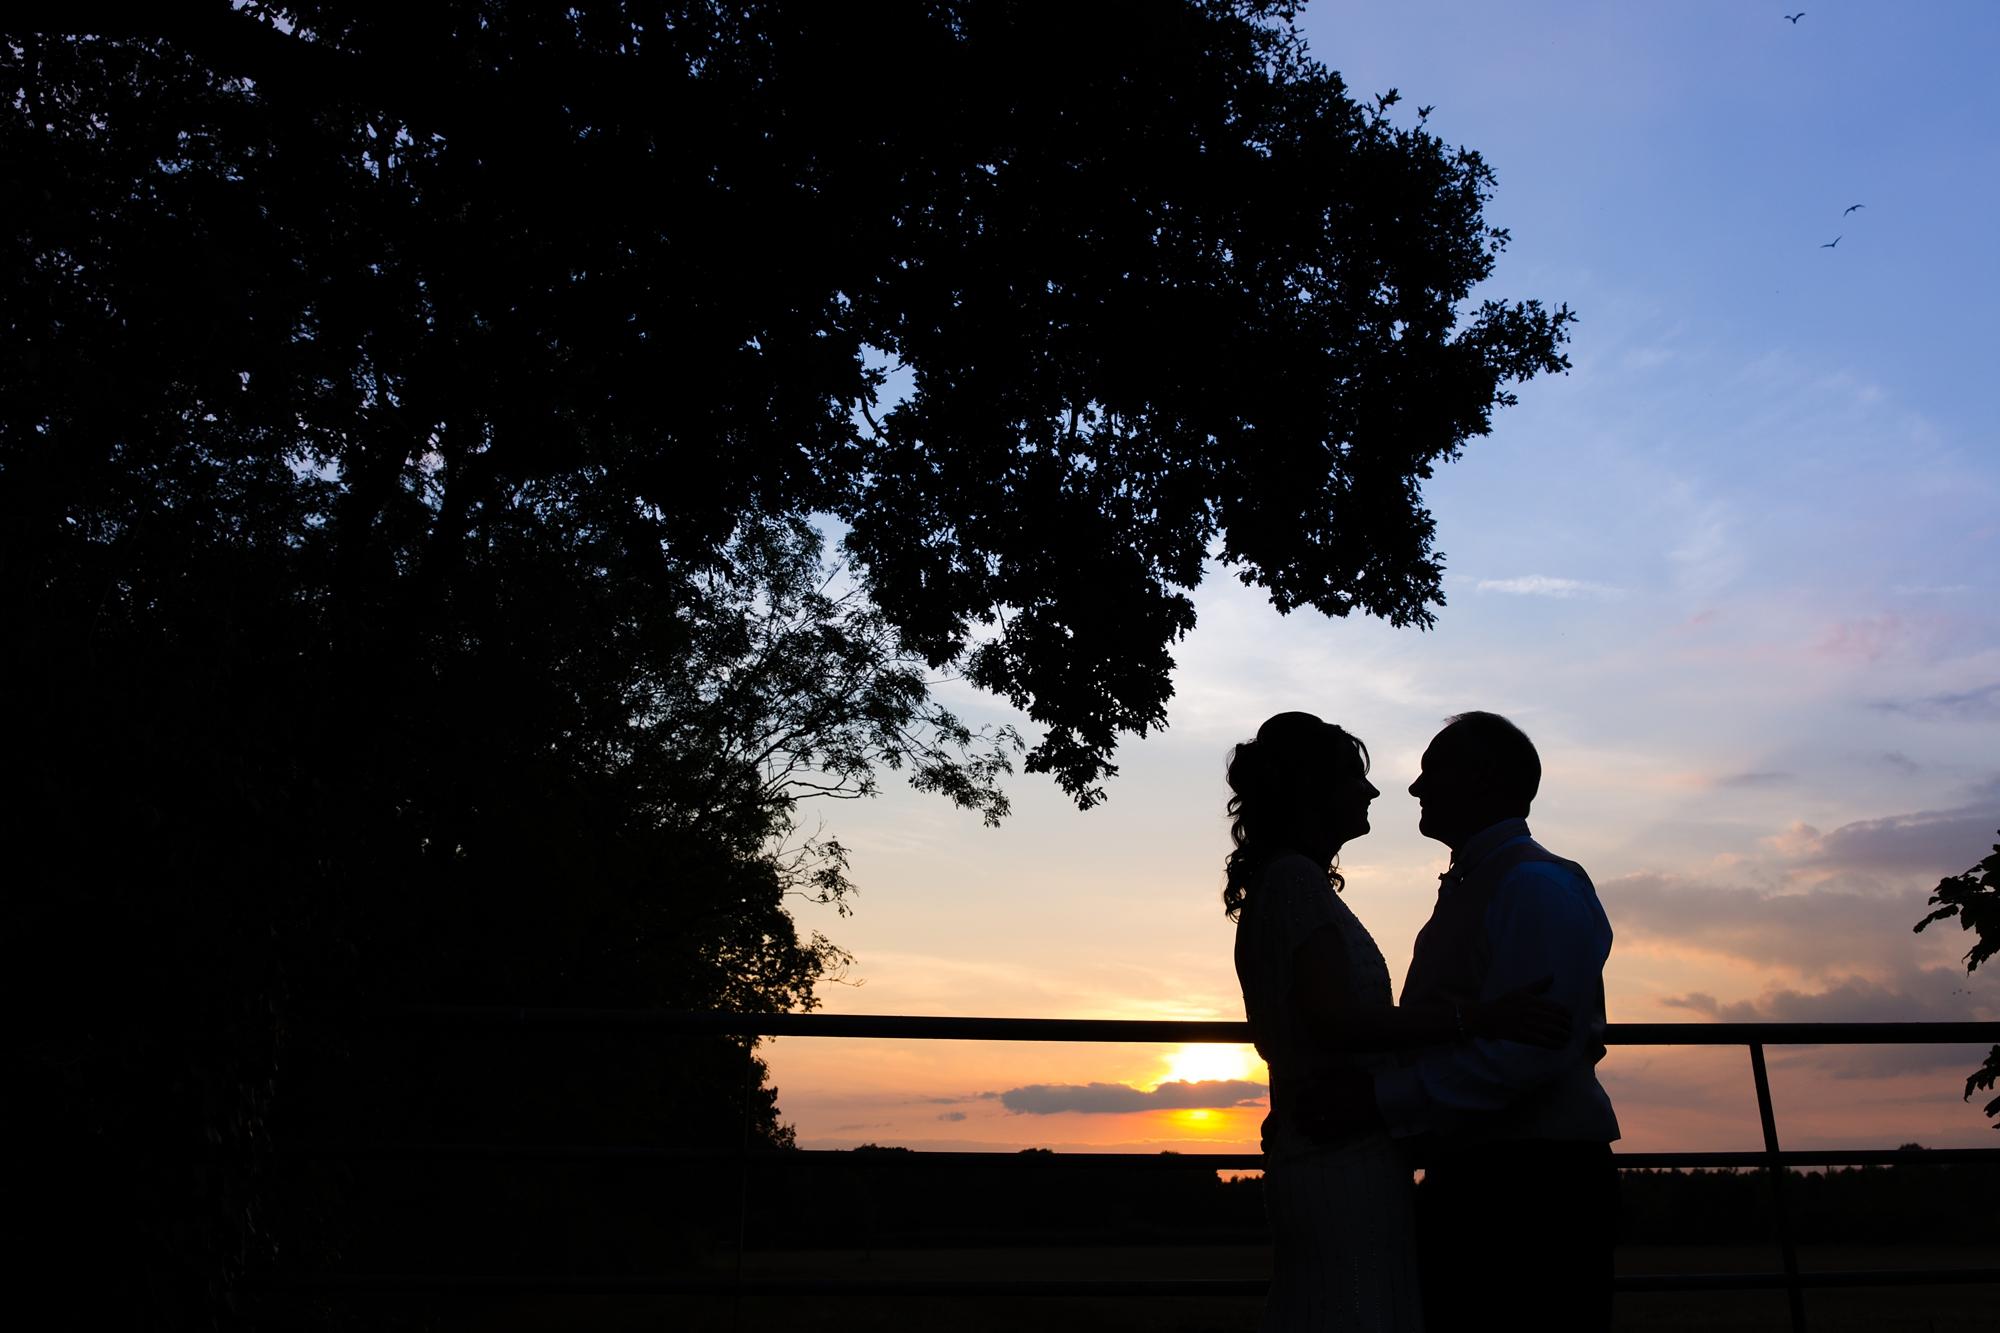 Bride & groom in silhouette by gate Villa Farm Weddings